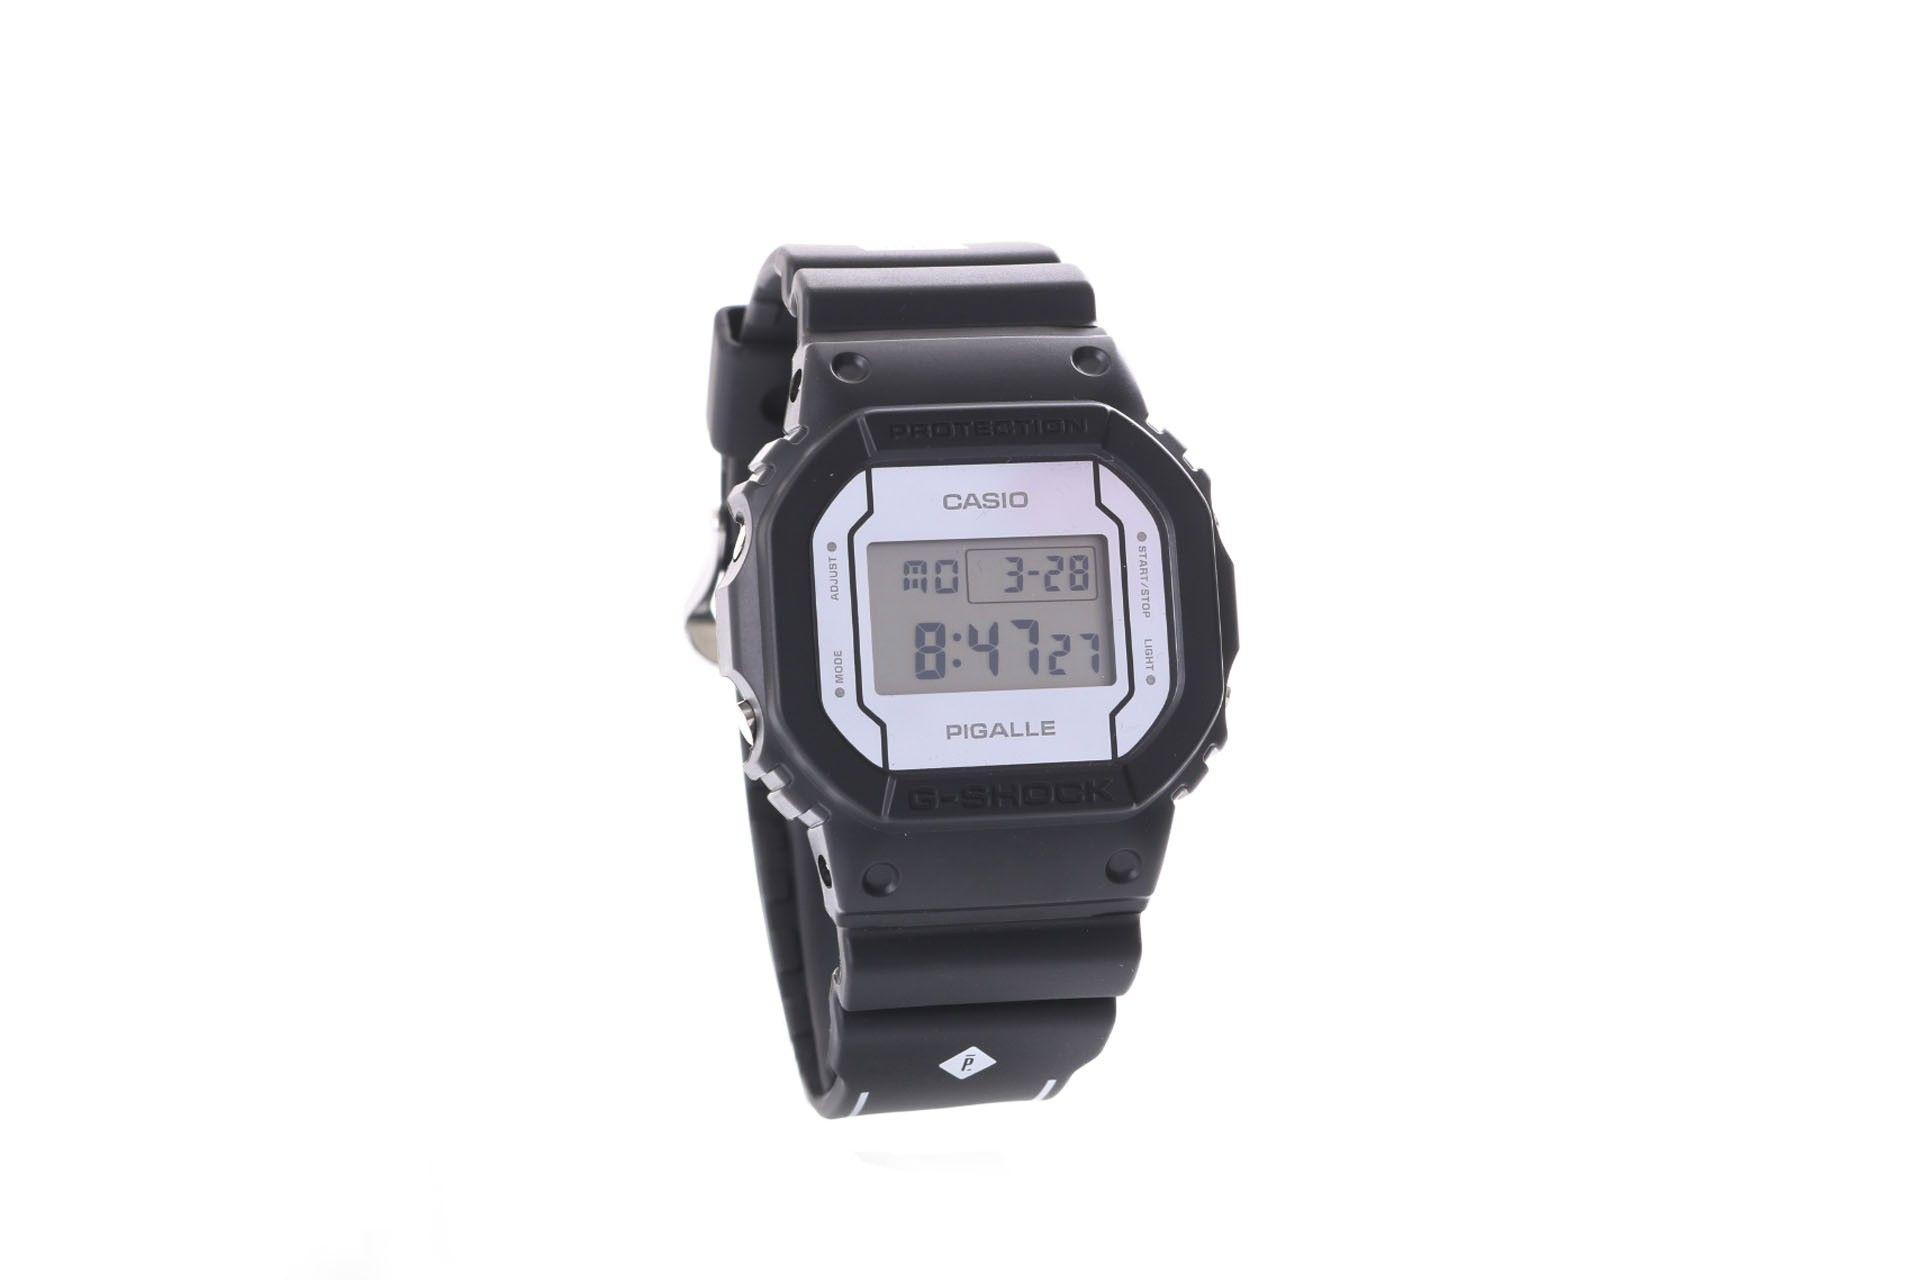 Afbeelding van Casio G-Shock Dw-5600Pgb-1Er Watch Dw-5600Pgb Zwart